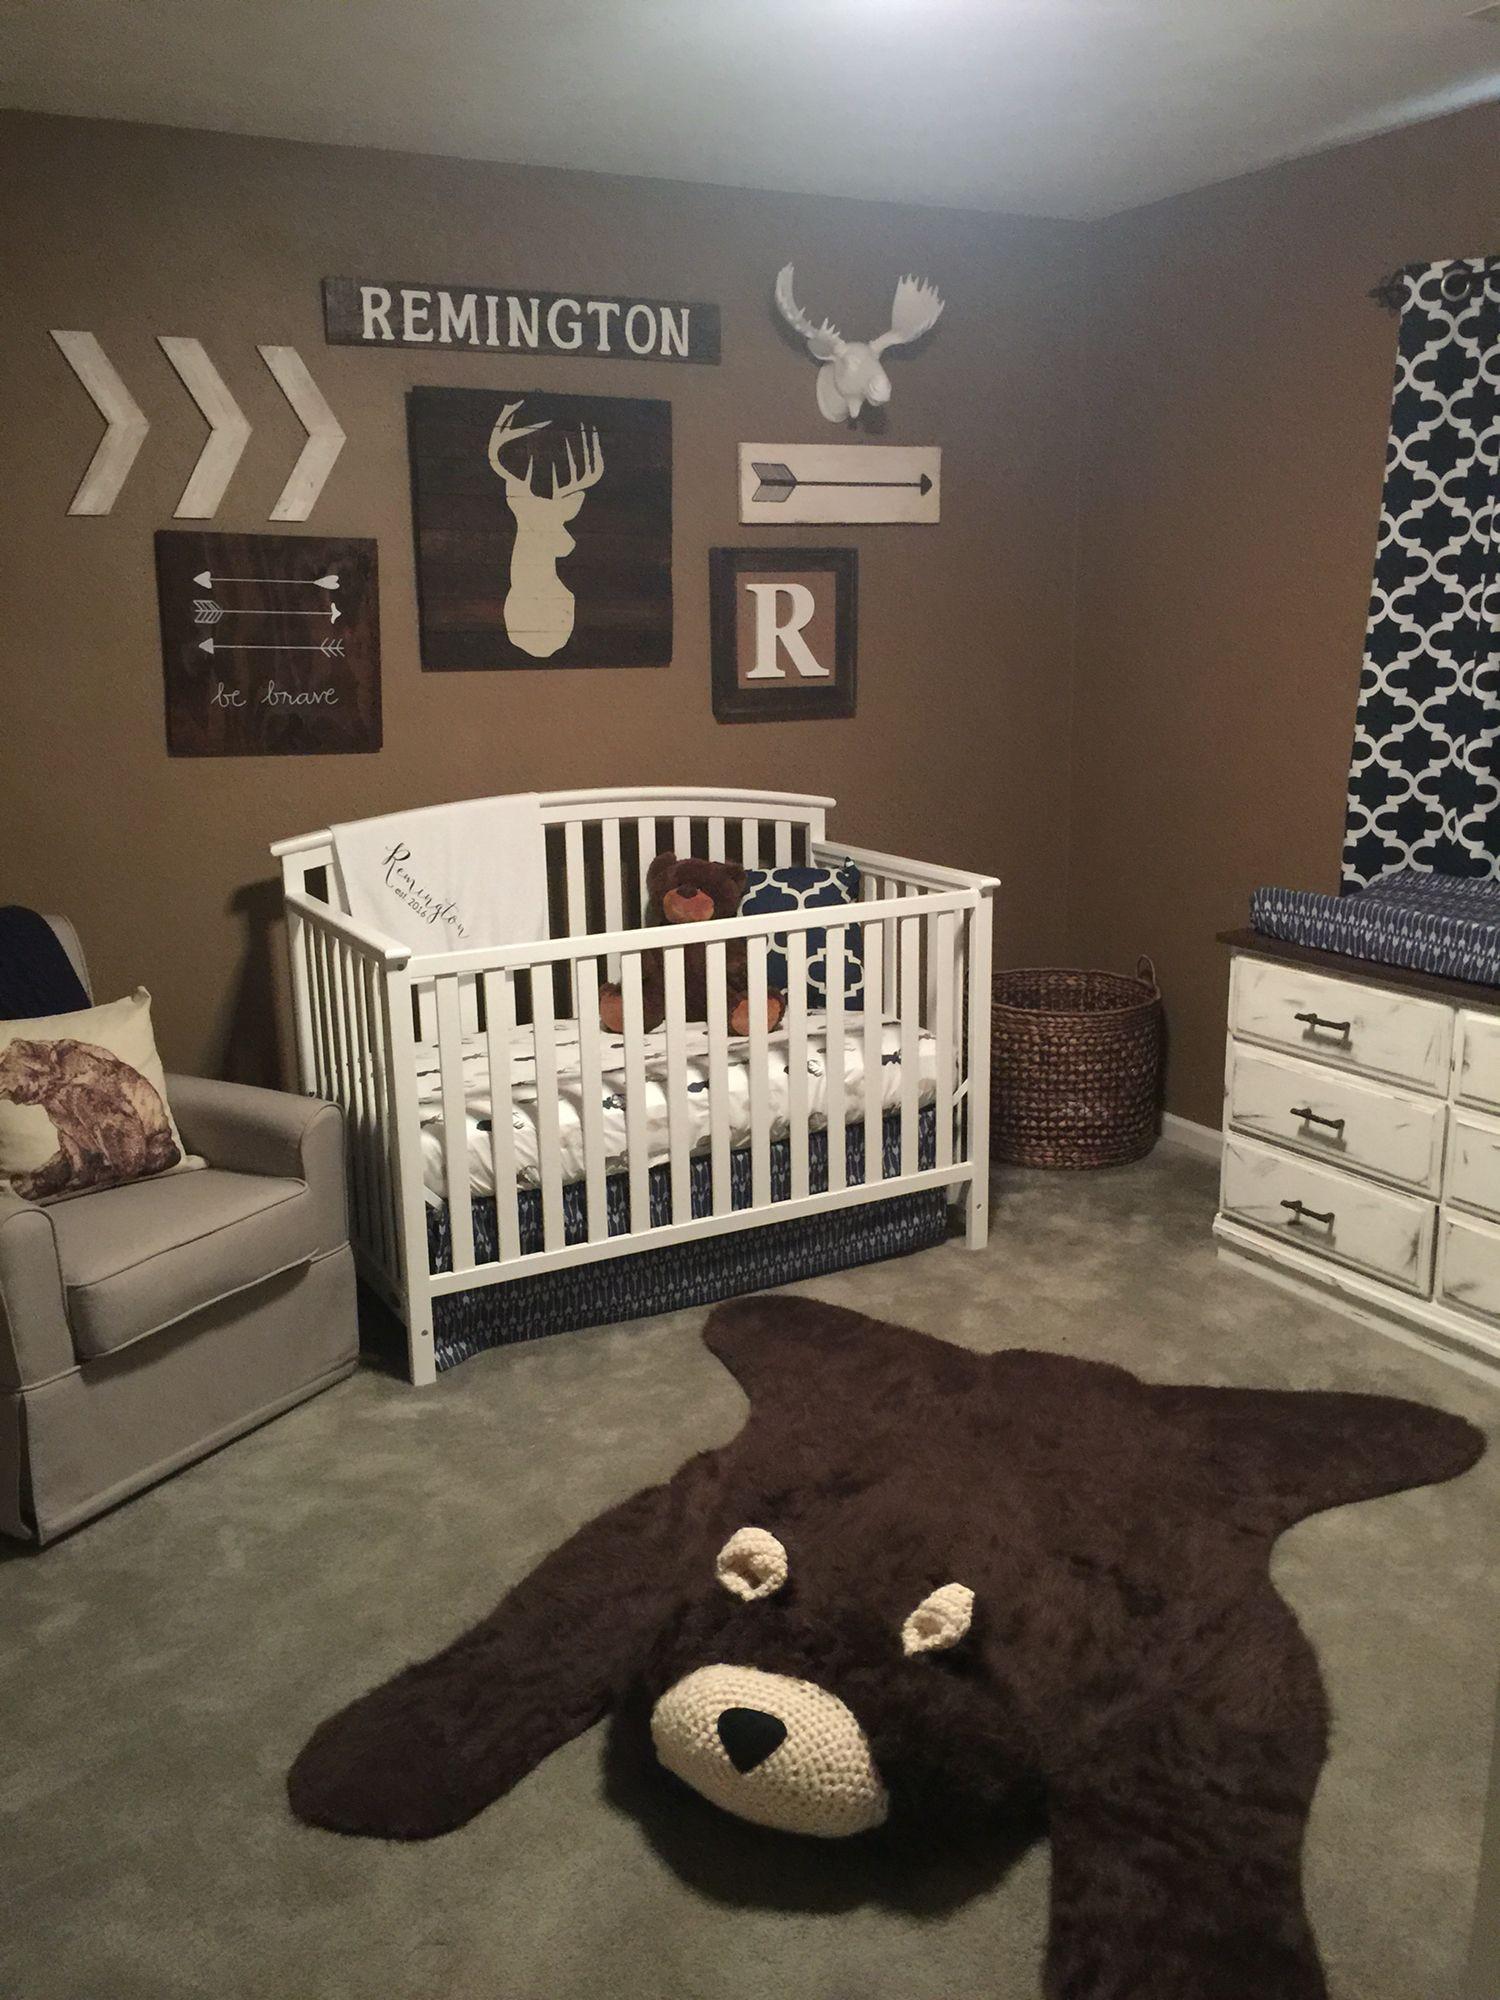 Baby Room Deer Decor Elegant the 20 Best Ideas for Baby Room Deer Decor Home Family